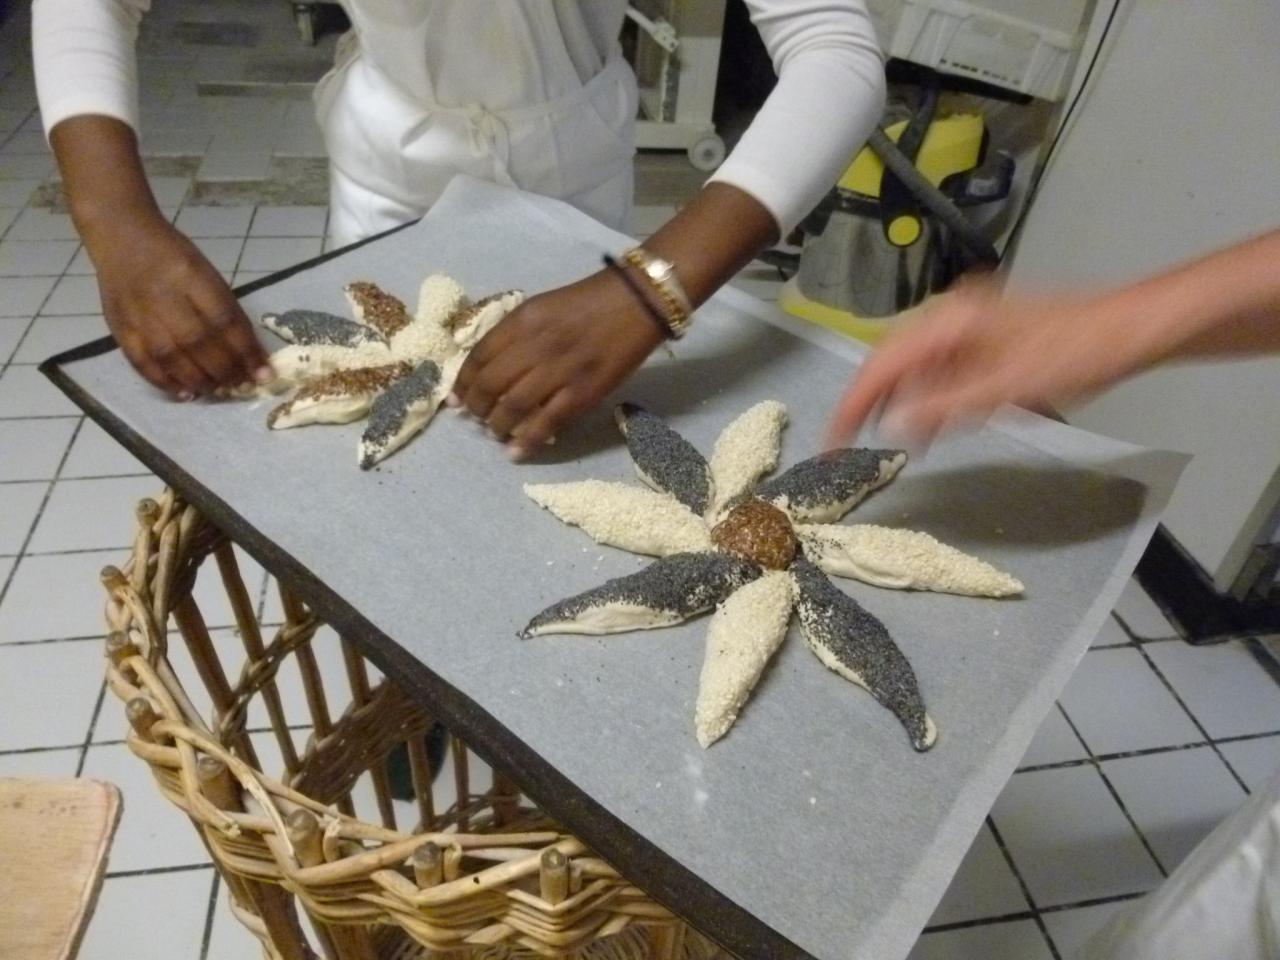 Atelier boulang' finition avant de faire cuire